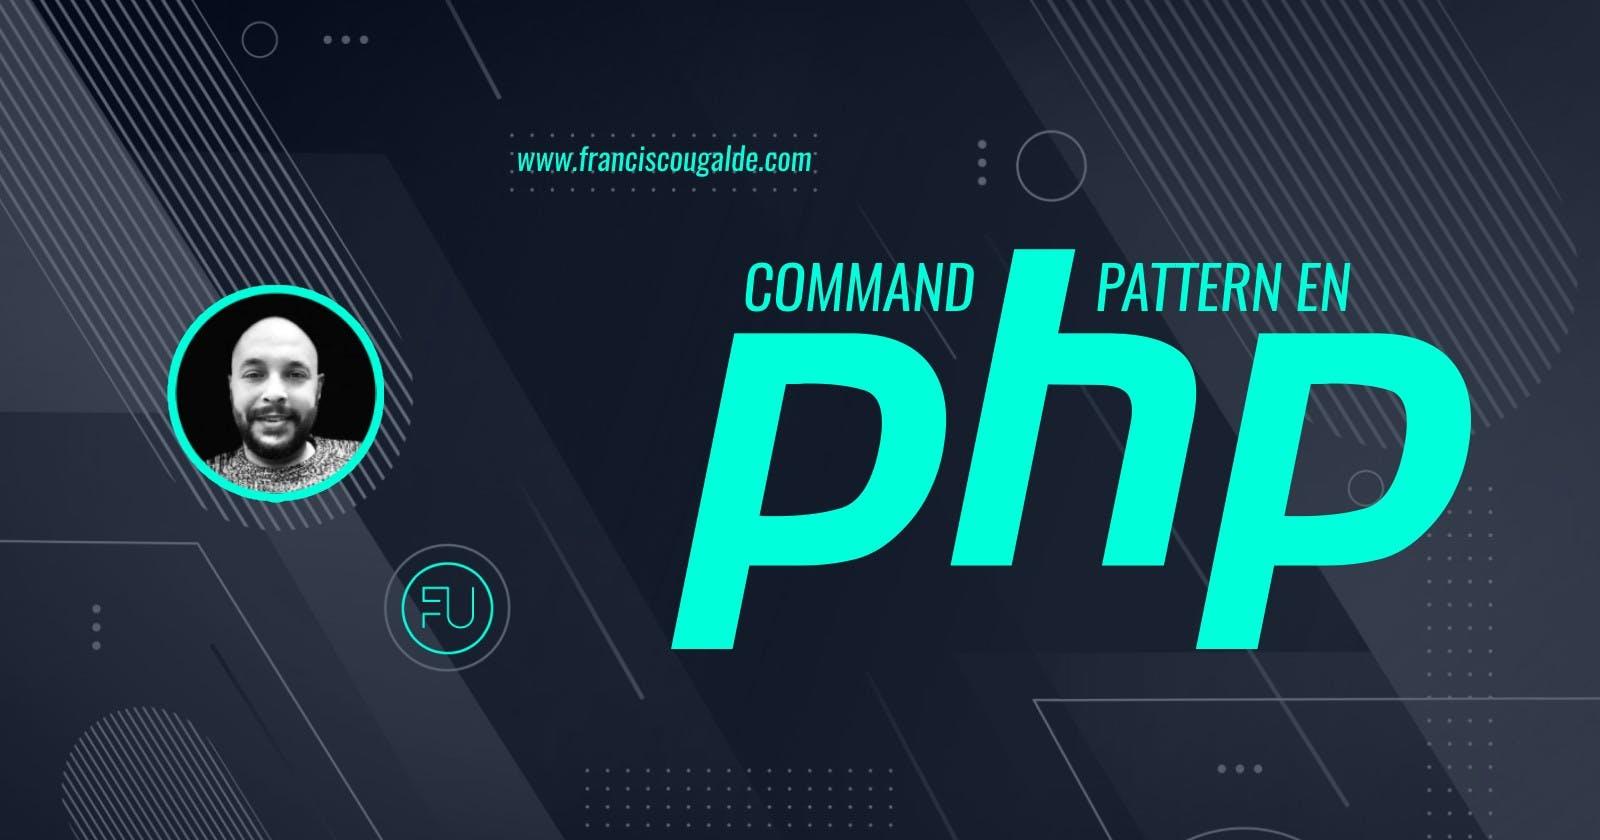 Command Pattern en PHP